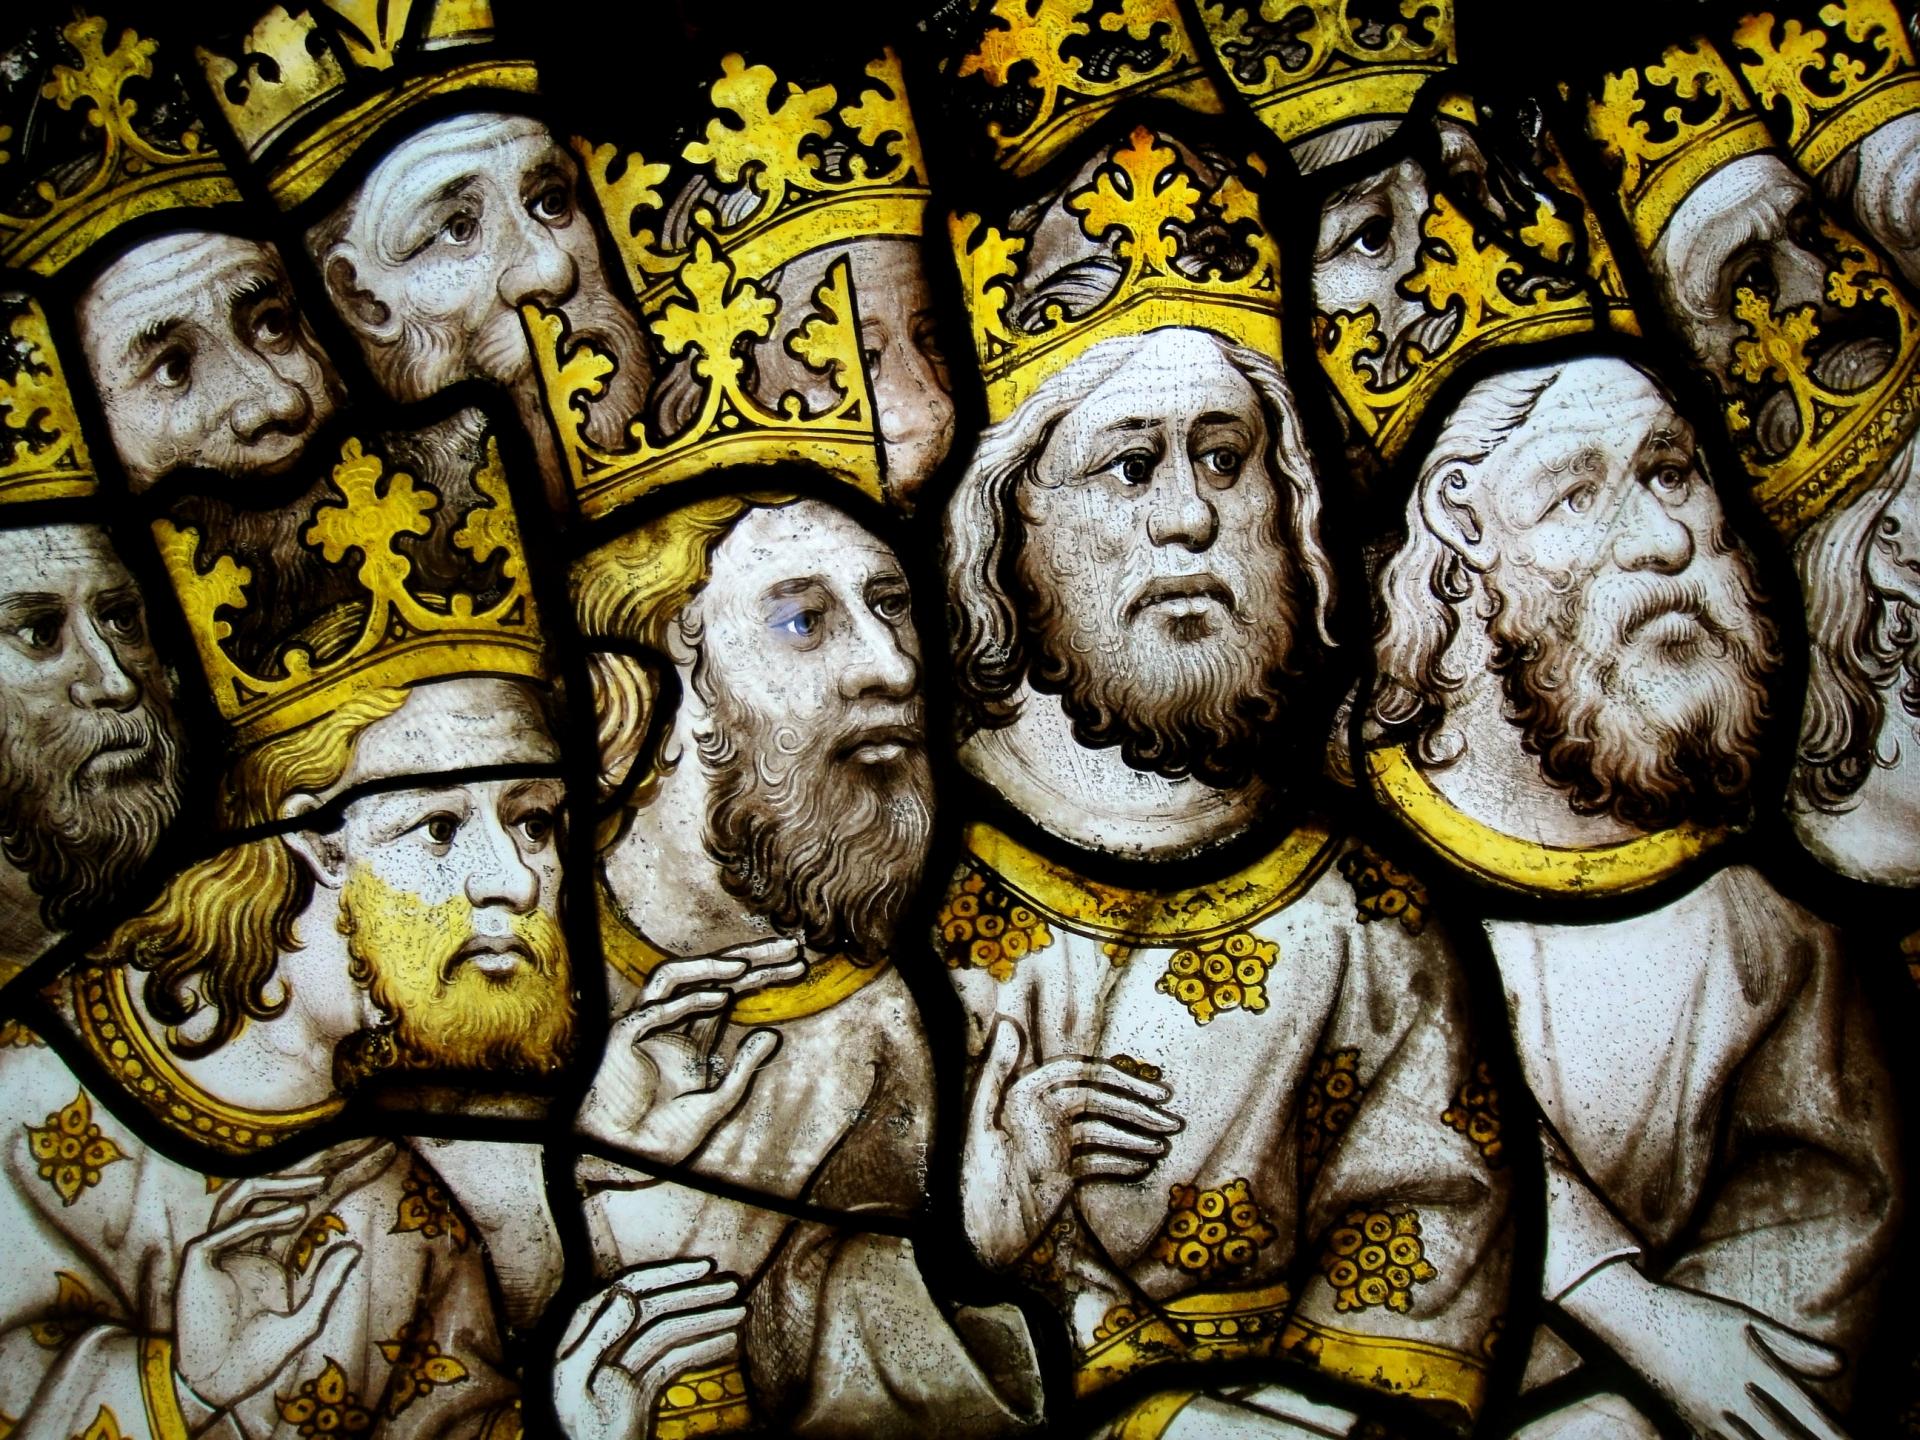 medievalstainedglassyork